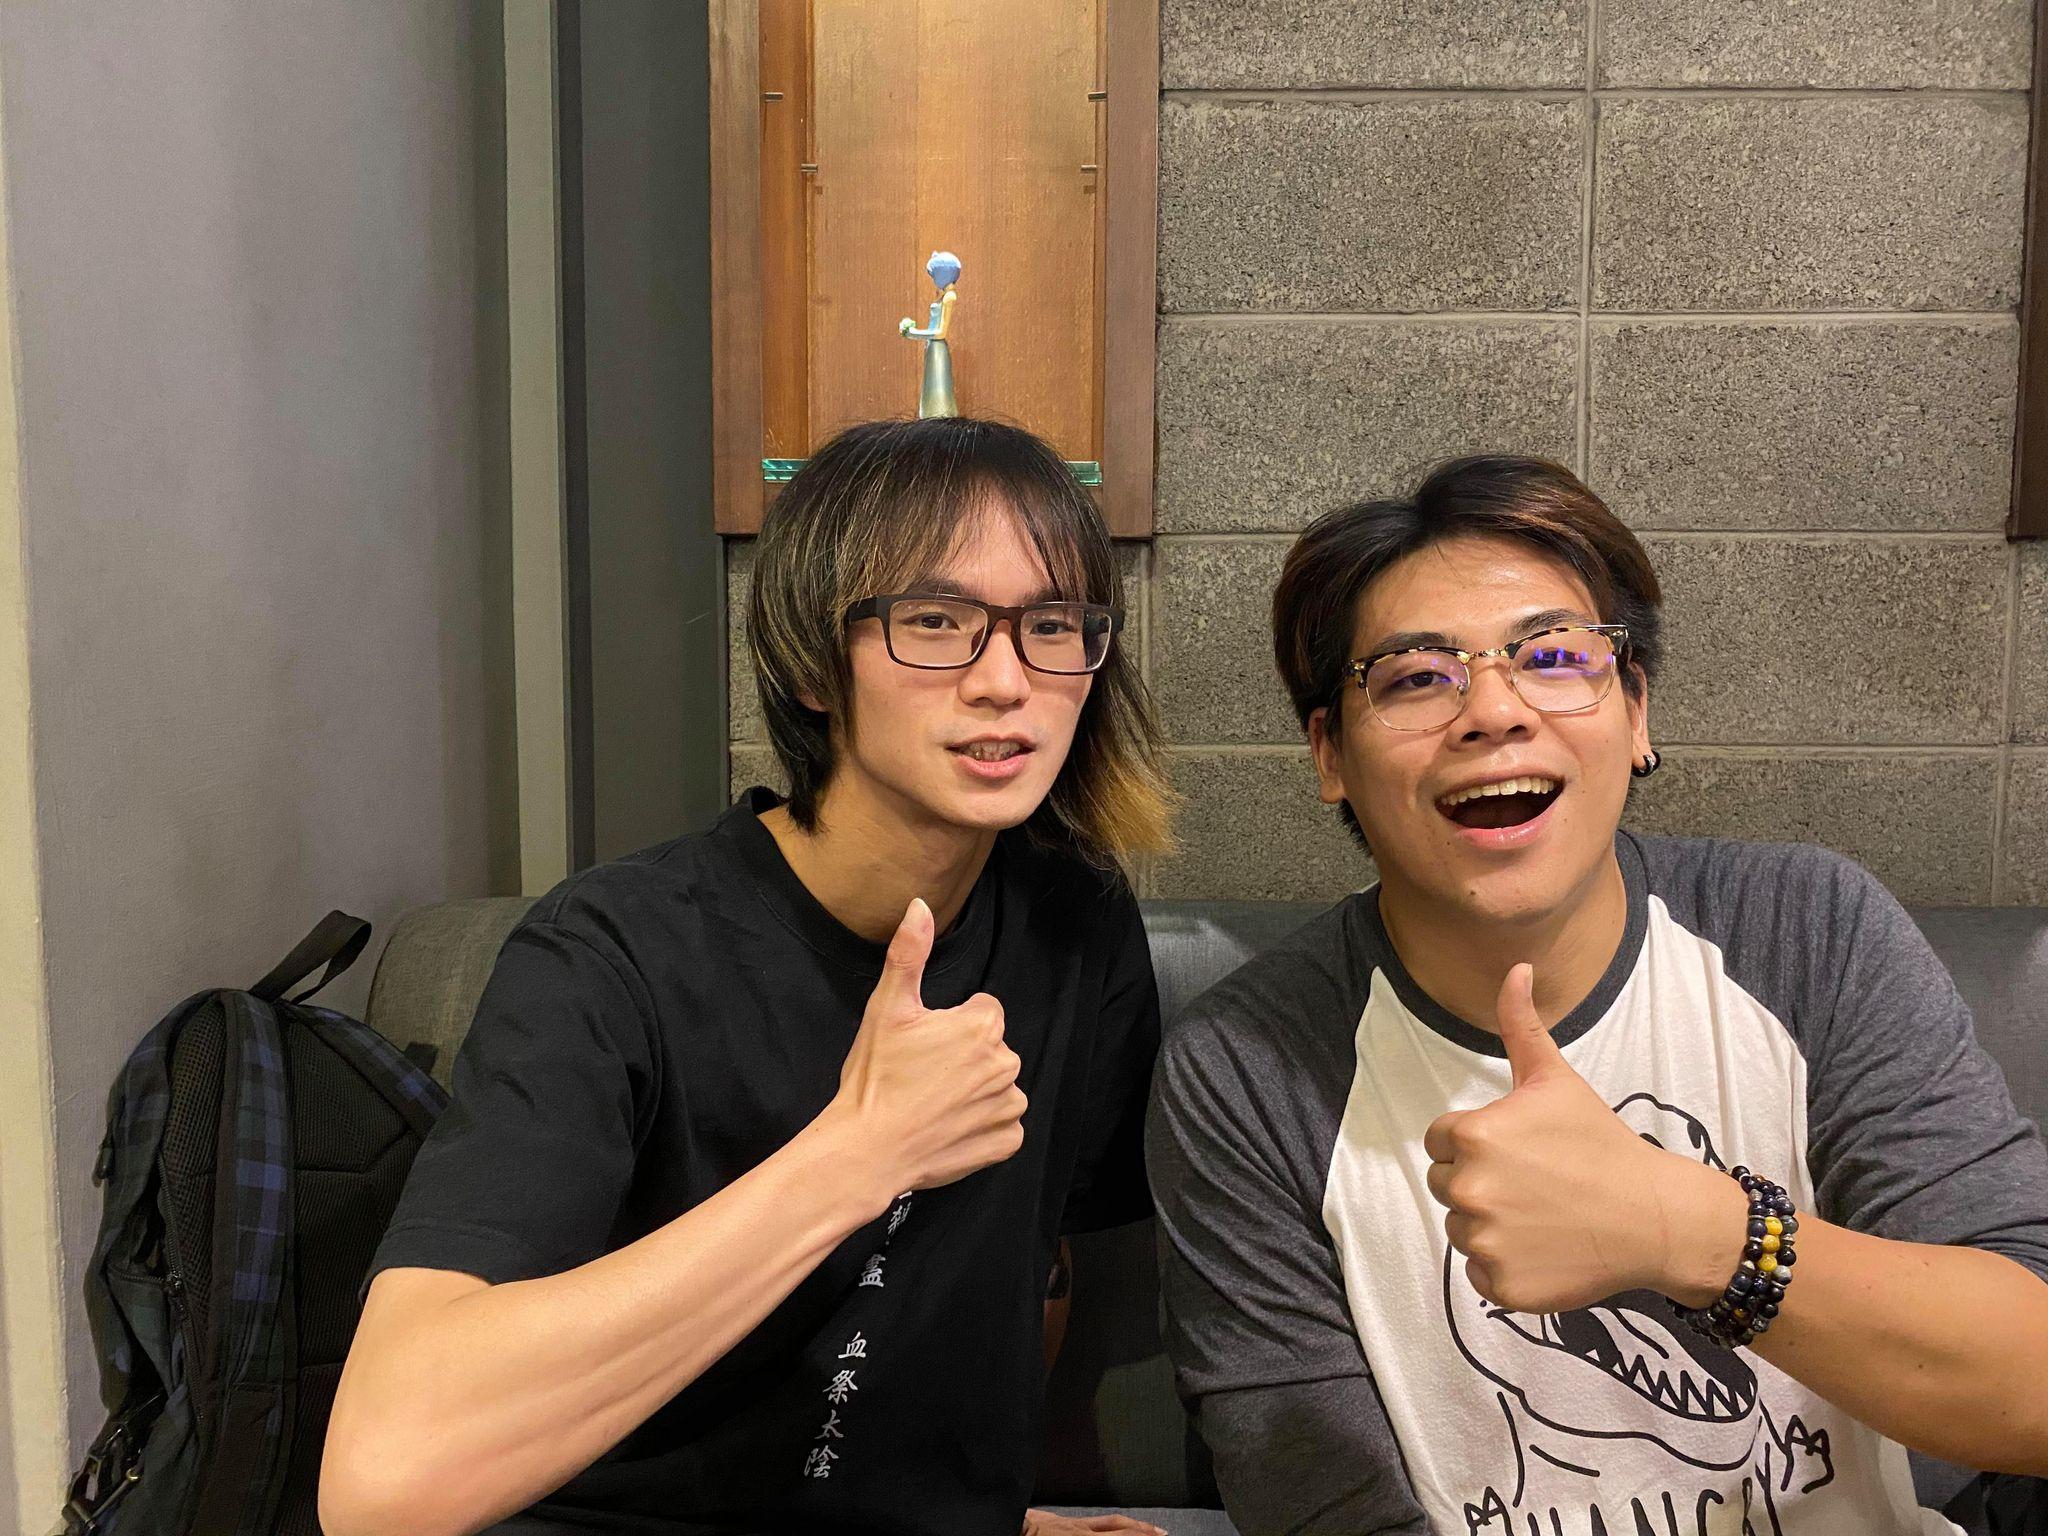 《自由新鎮 1.5 舞台劇~戀愛之神與祂的背叛者們~》製作人 Mardy (左)與導演蘇志翔(右)